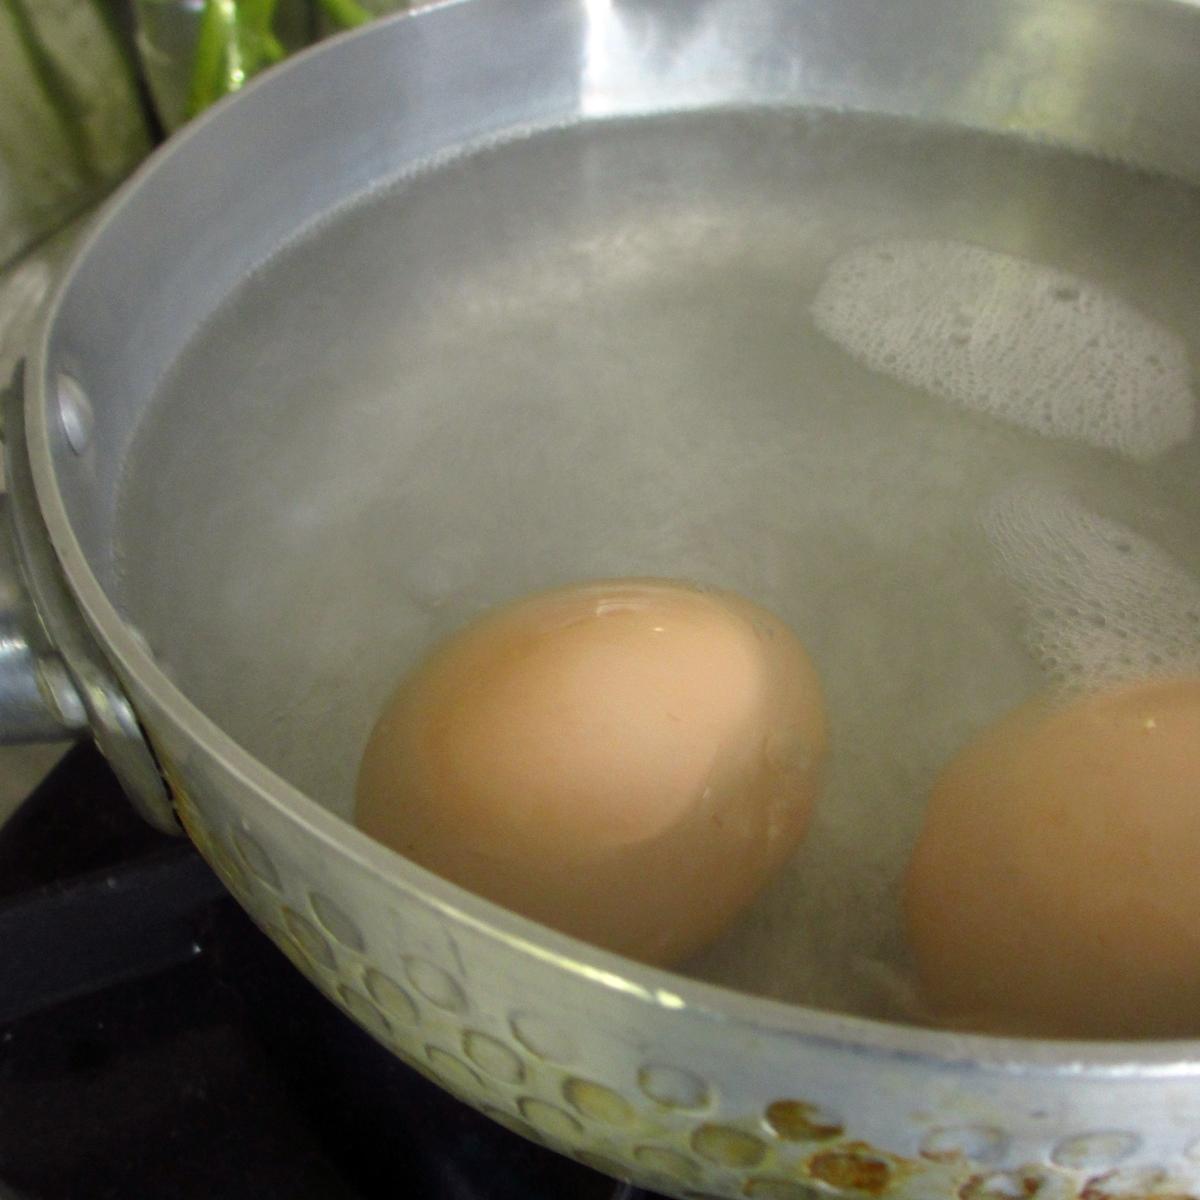 ゆで卵調理中20150704 (10)